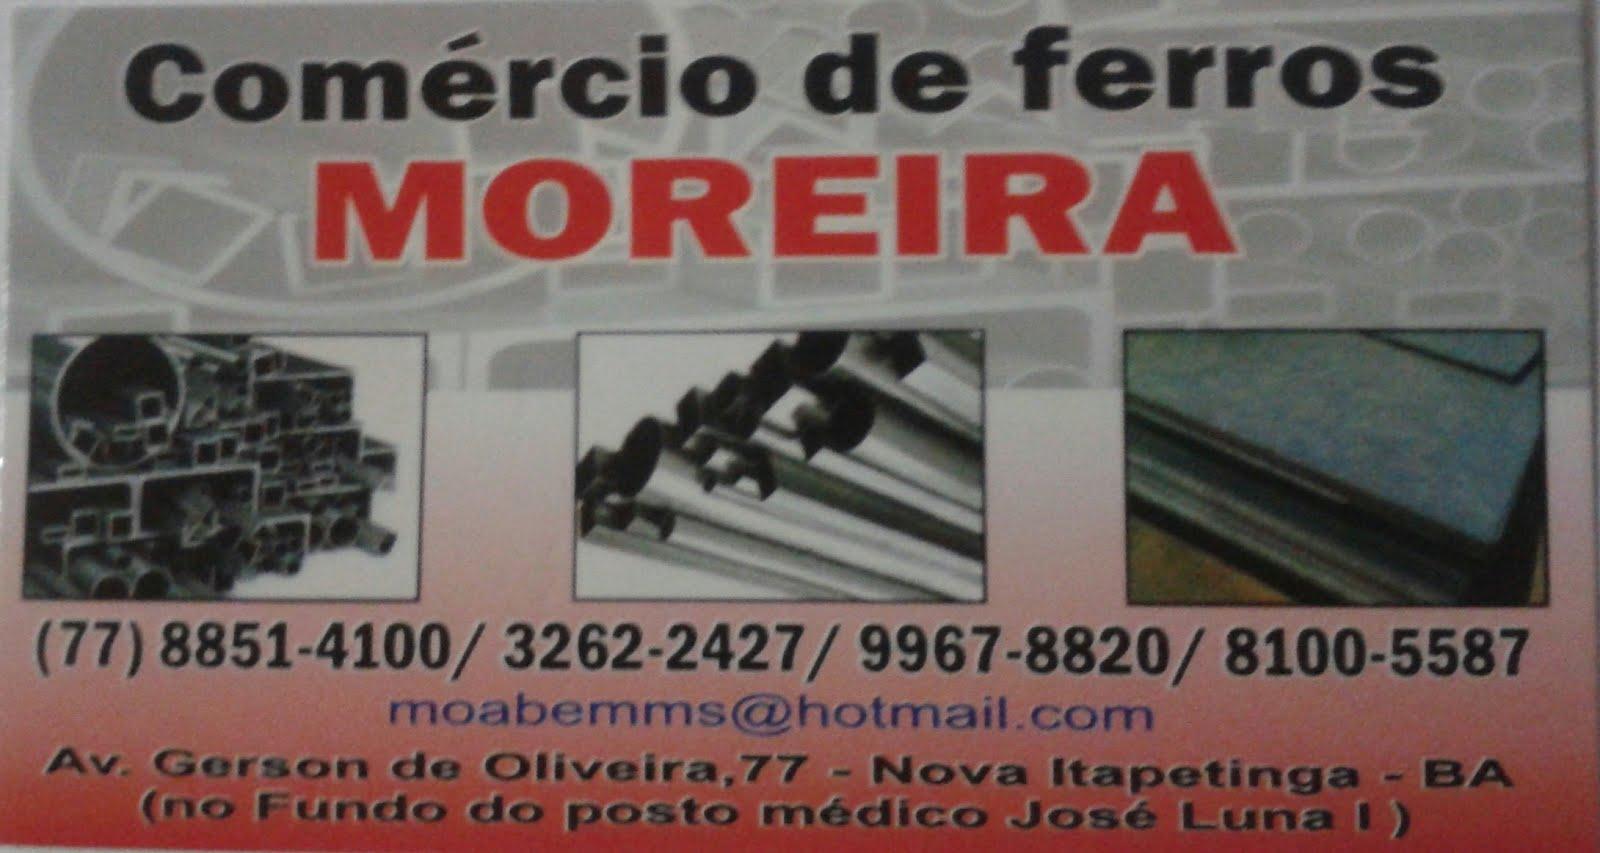 COMERCIO DE FERROS MOREIRA